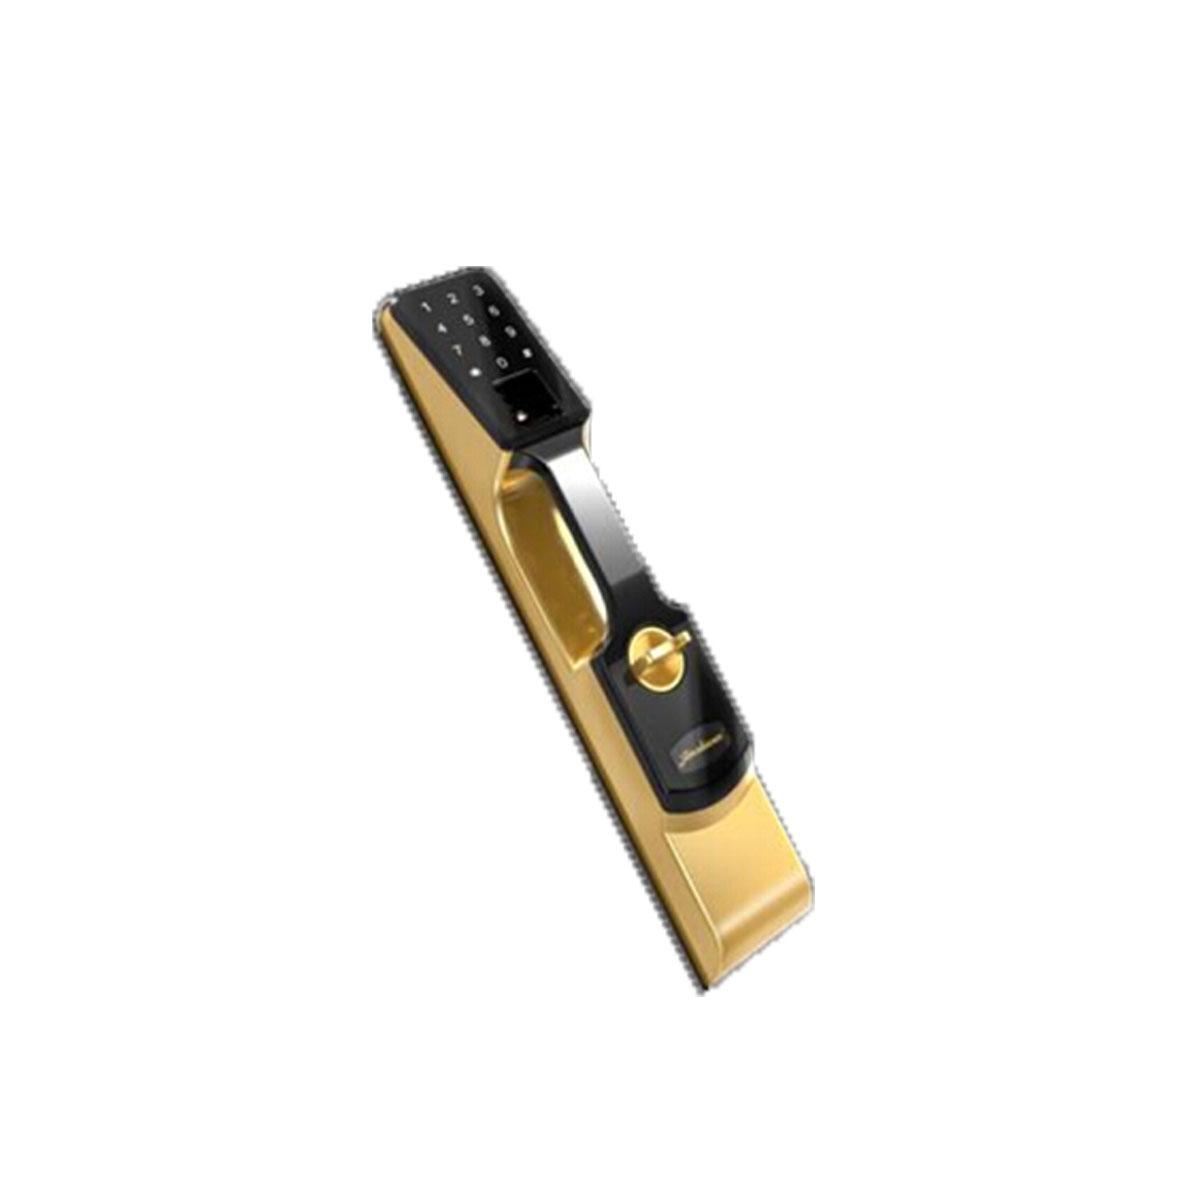 科密K1指纹锁 指纹锁家用防盗门密码锁智能电子锁 土豪金